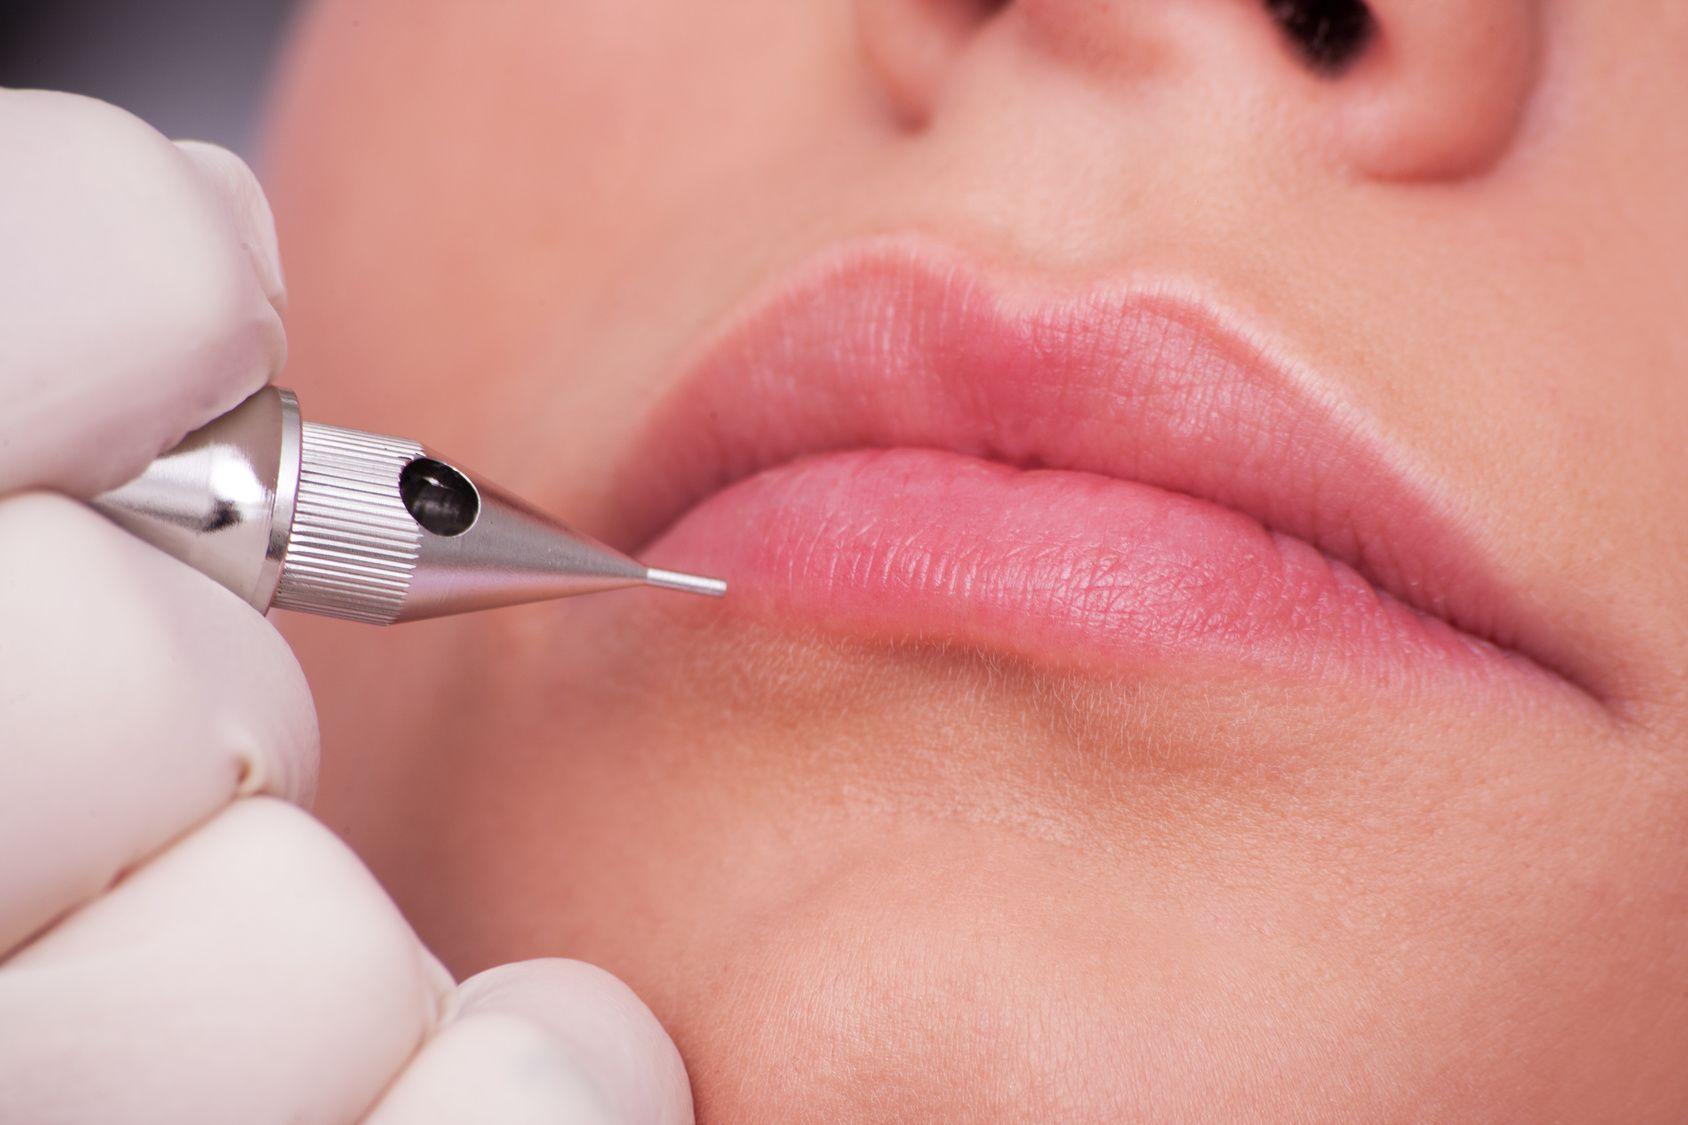 Phun xăm môi là phương pháp giúp bạn sở hữu đôi môi với tông màu quyến rũ ưa thích mãi mãi mà không cần sử dụng đến son môi